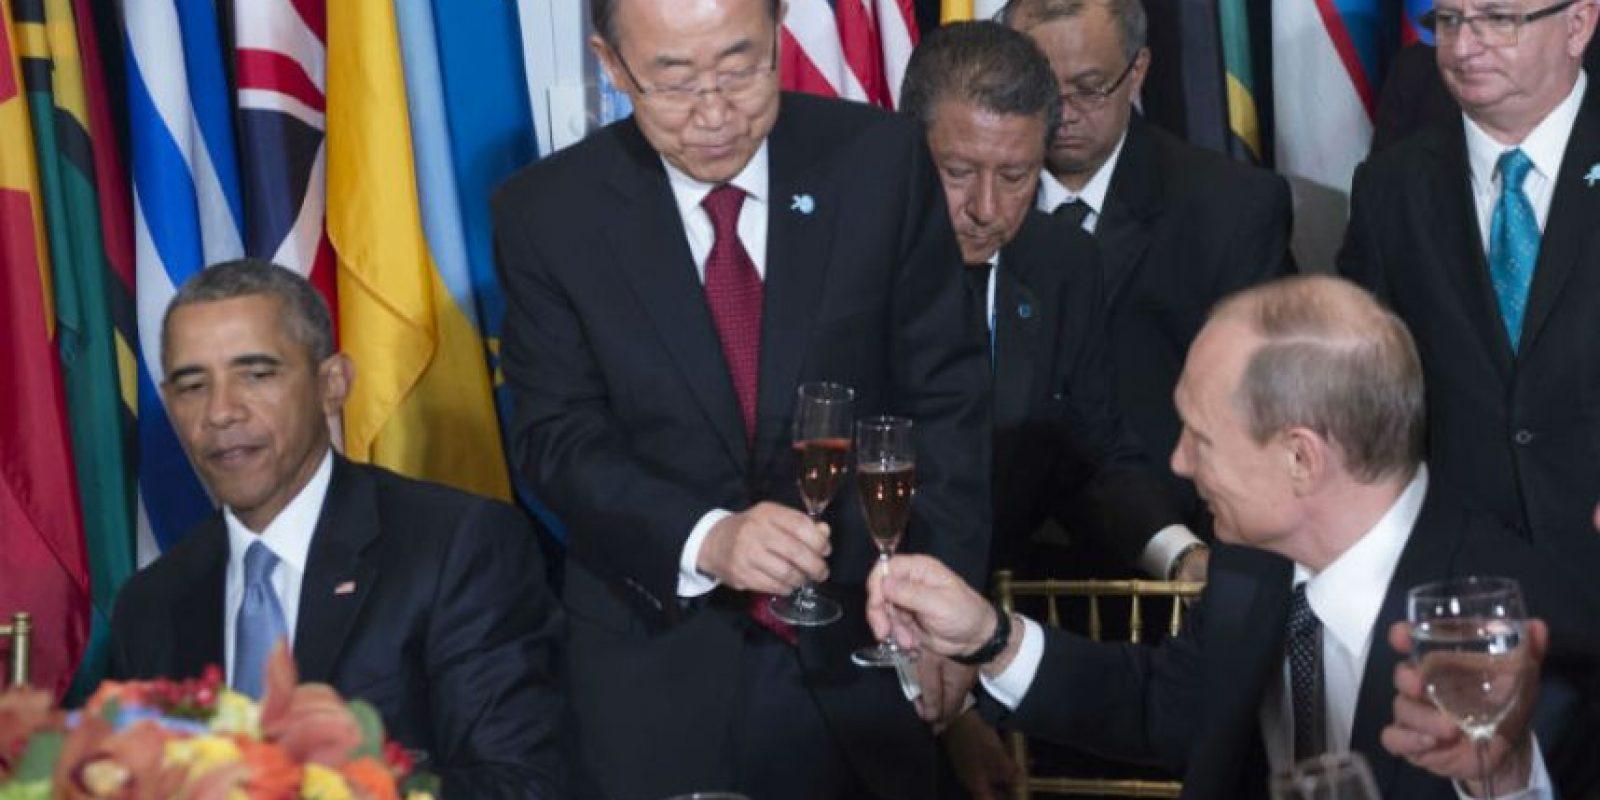 Putin se mostró muy sonriente Foto:AFP